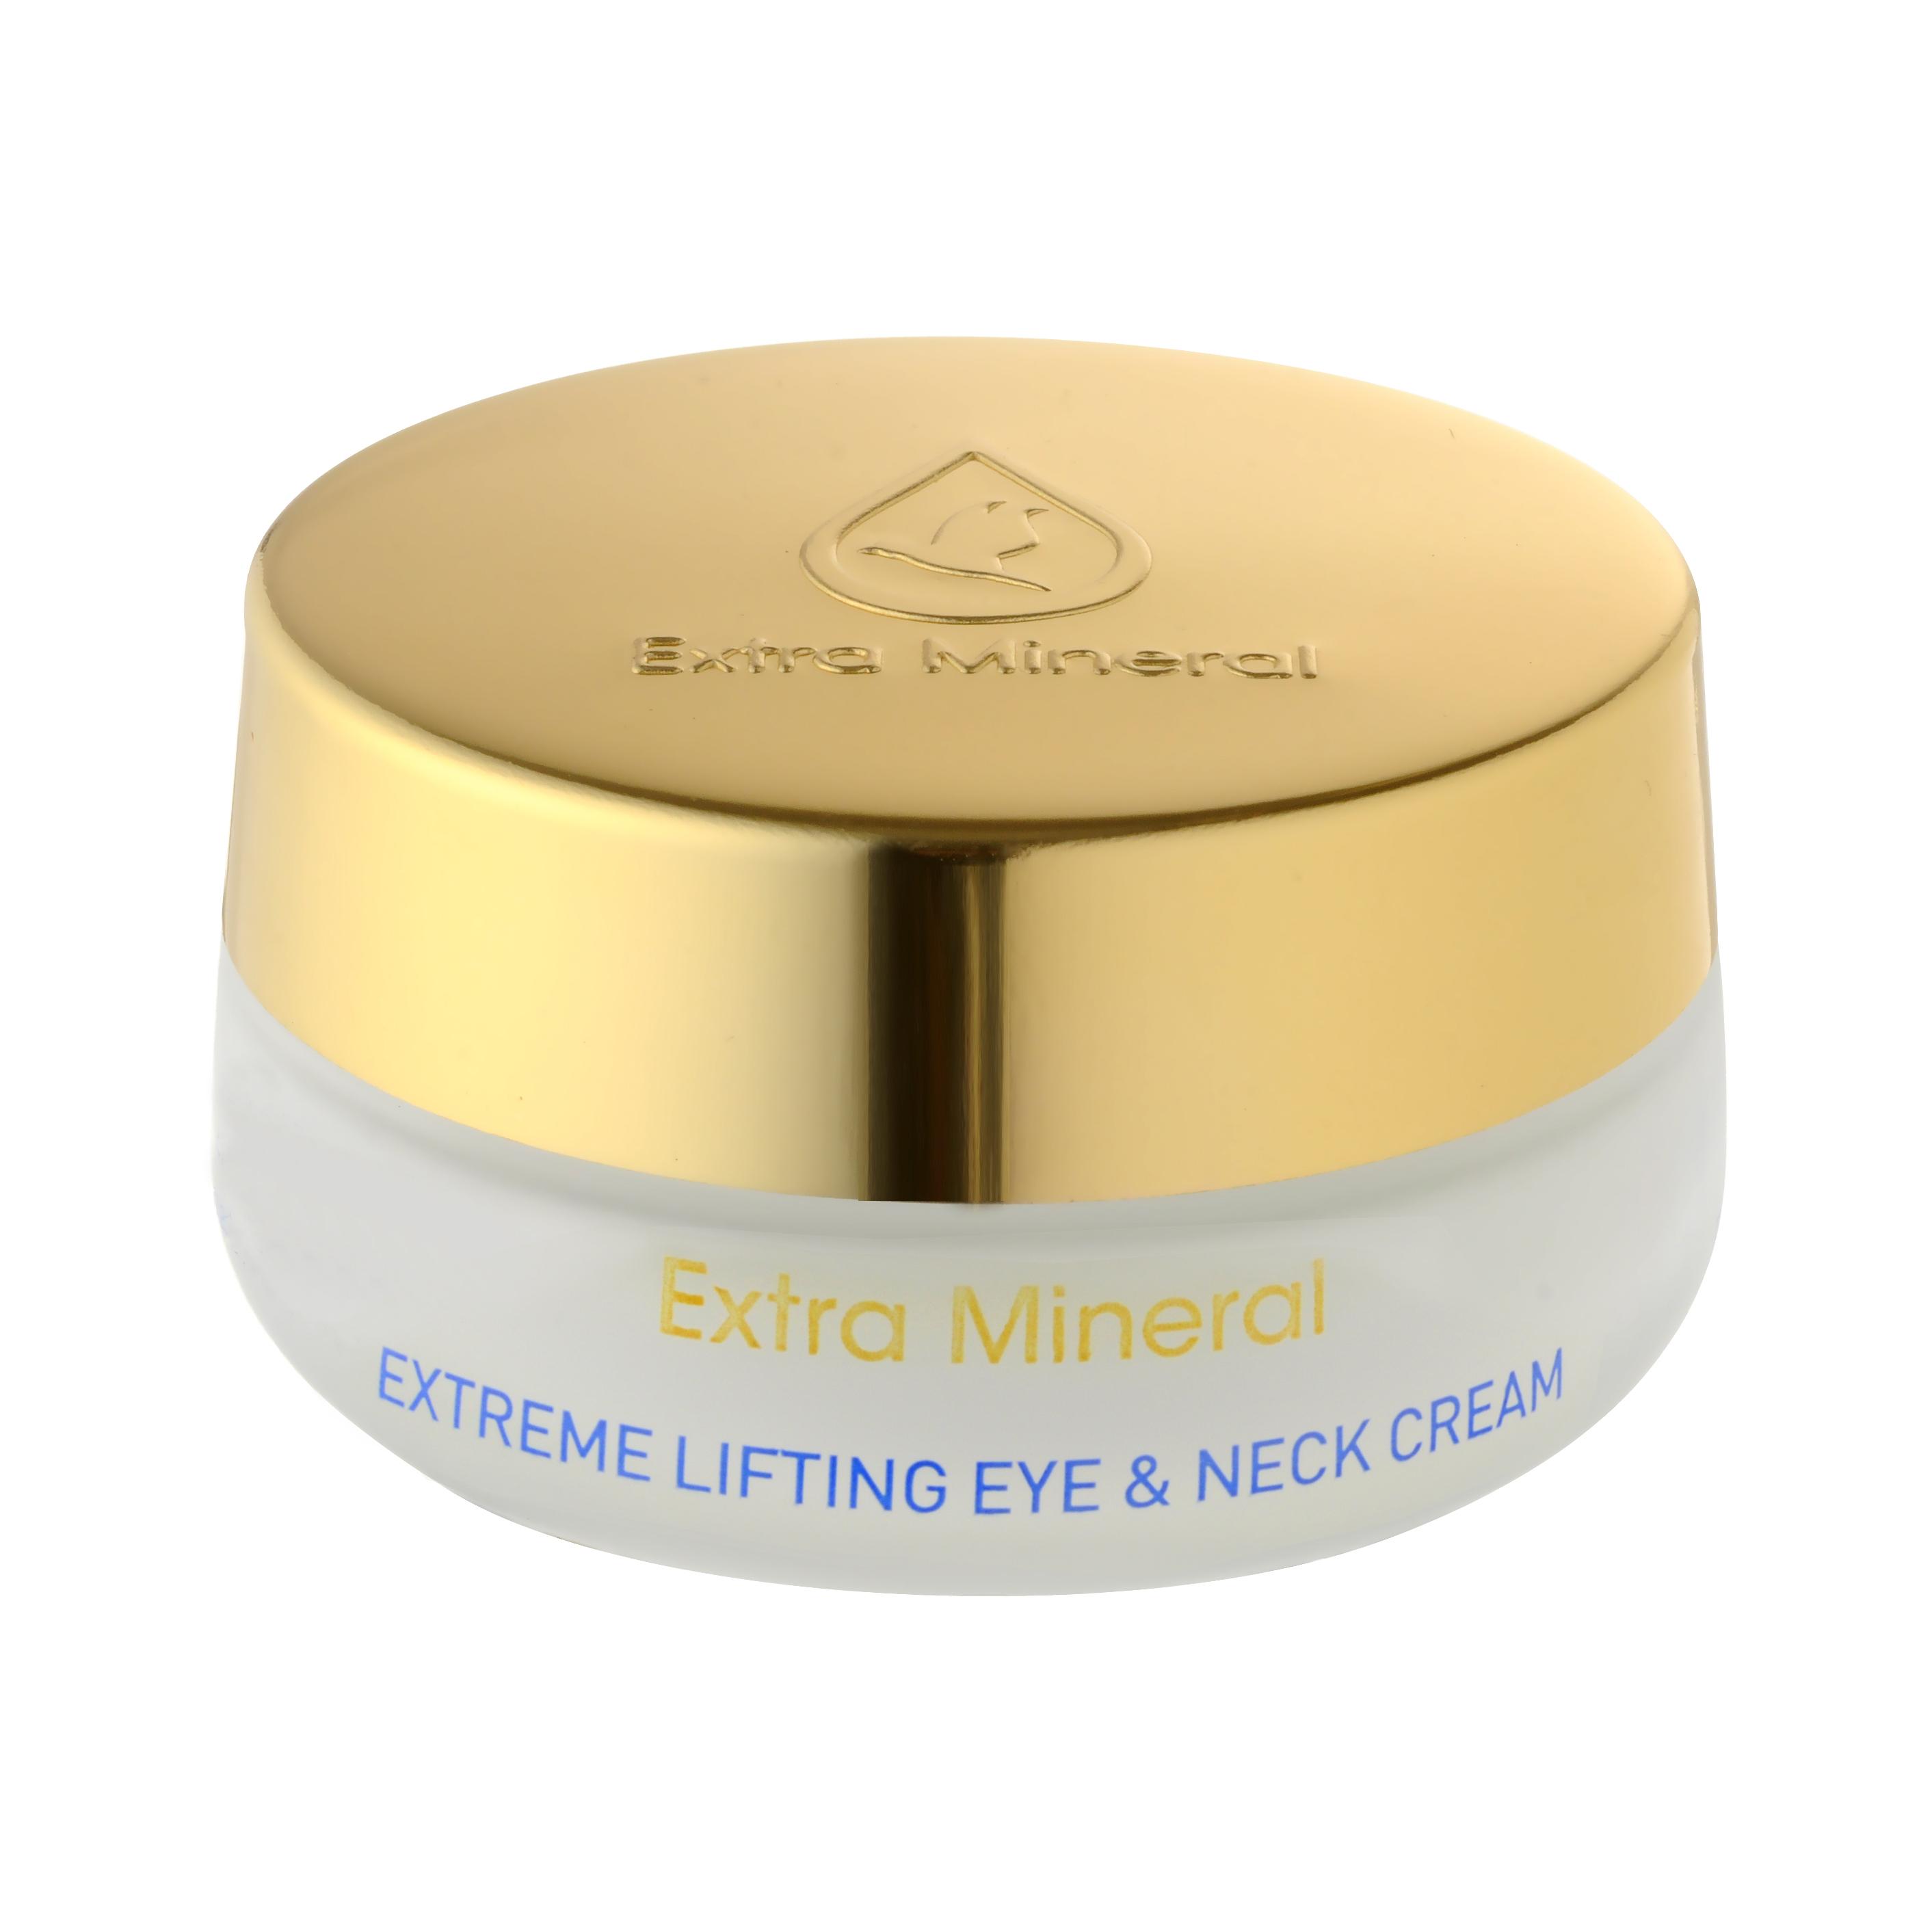 Extra Mineral Интенсивный крем с подтягивающим эффектом для кожи вокруг глаз и шеи 50 млEXM1501Мгновенный видимый лифтинговый эффект при использовании активного лифтинг-крема Extra Mineral. Минералы Мертвого моря, витамины А, В5, витамин красоты Е и цветочные экстракты обеспечивают глубокое питание для нежной кожи шеи шеи и области глаз. Мощный эффект омолаживающего крема виден сразу после первого применения. Рекомендуется ежедневное применение.